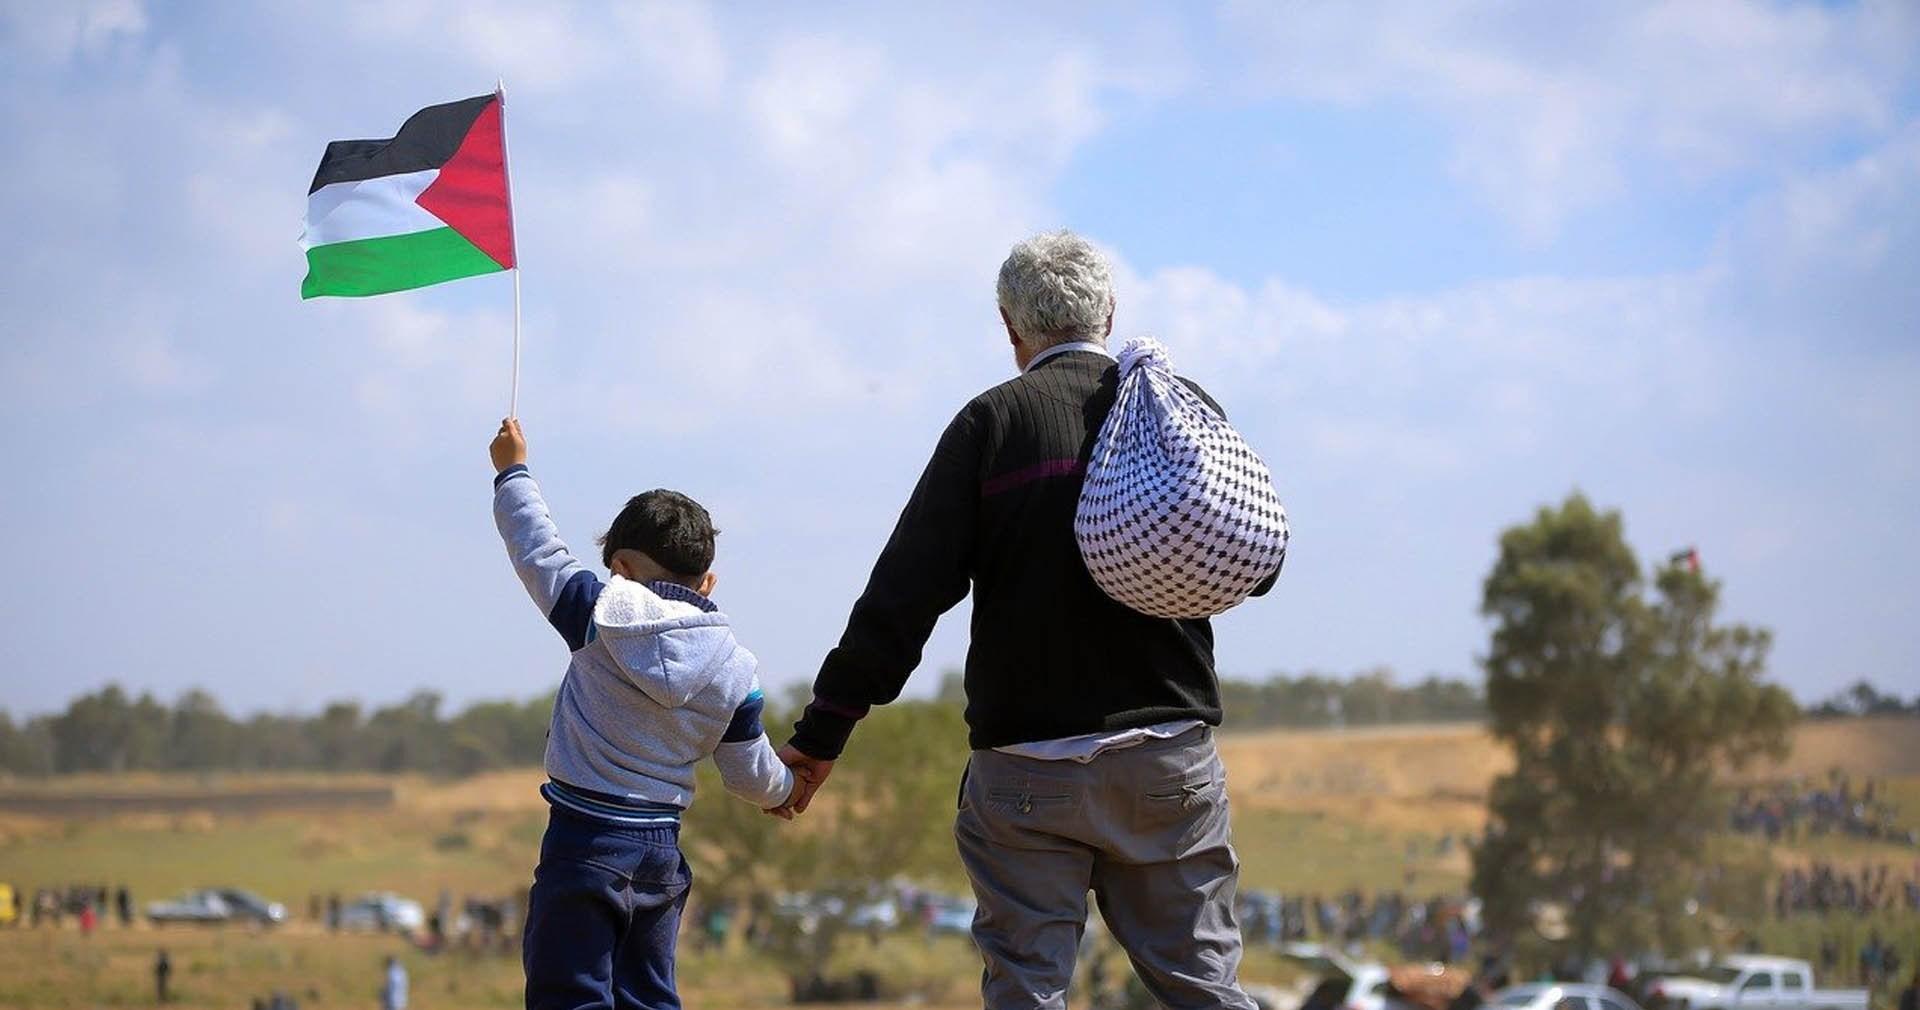 الشّعب الفلسطينيّ هو الأحقّ باسترداد دوره الطبيعيّ في تحديد خياراته